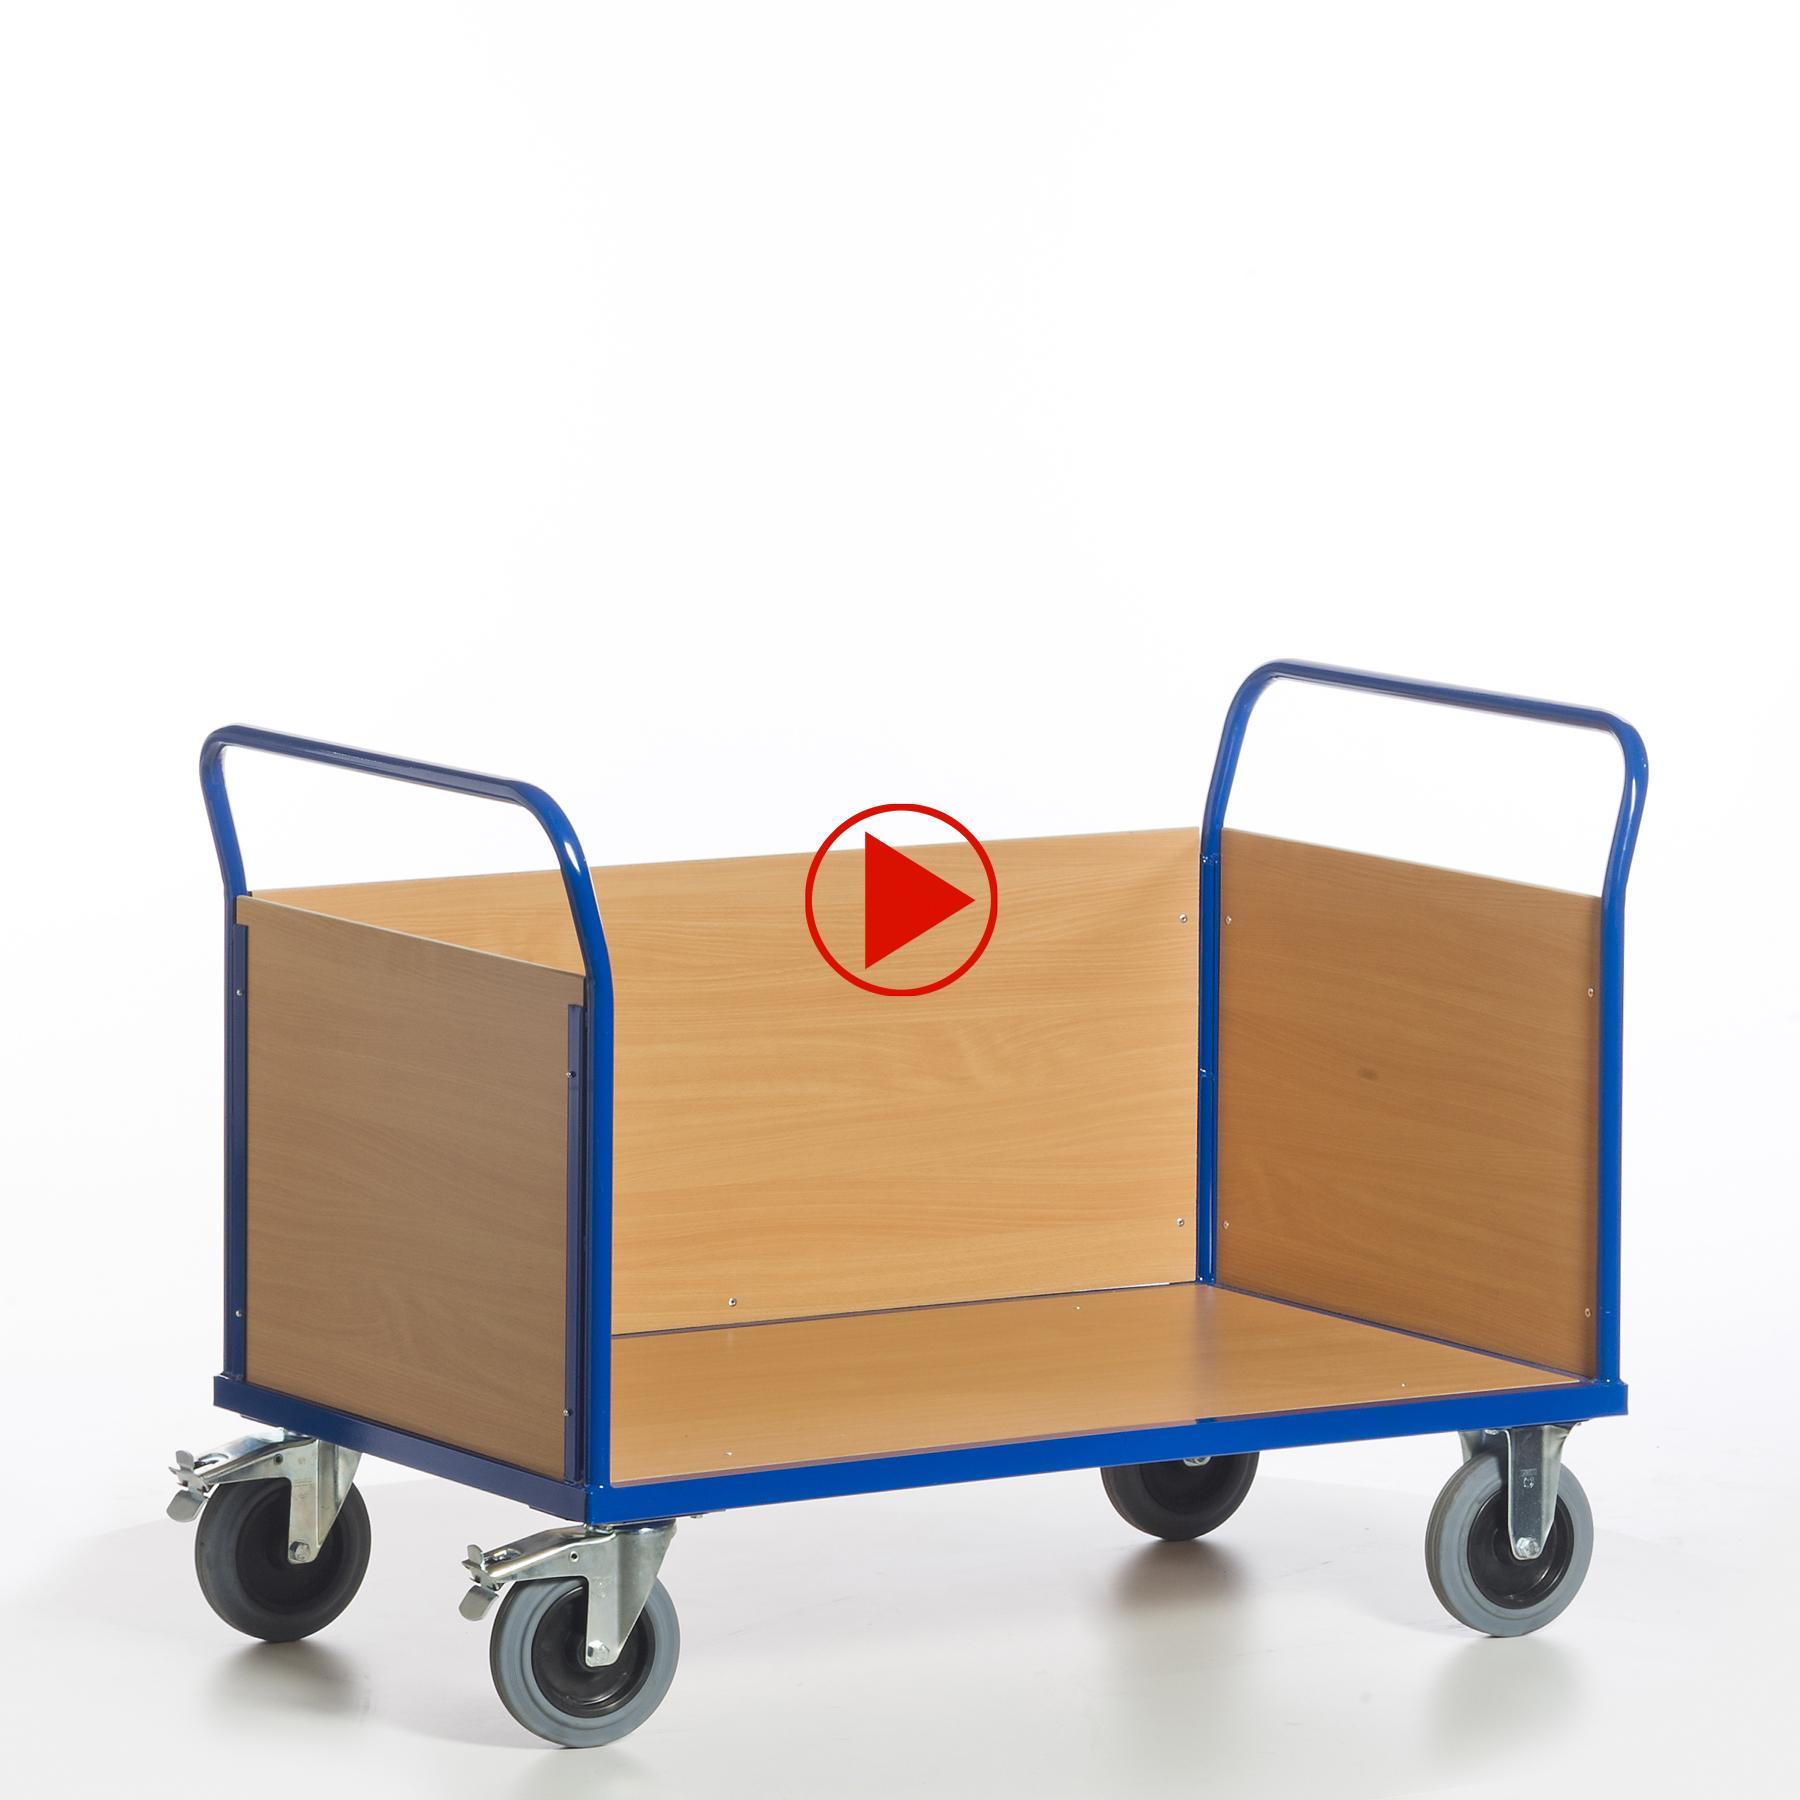 Dreiwandwagen aus unterschiedlichen Richtungen als Video dargestellt